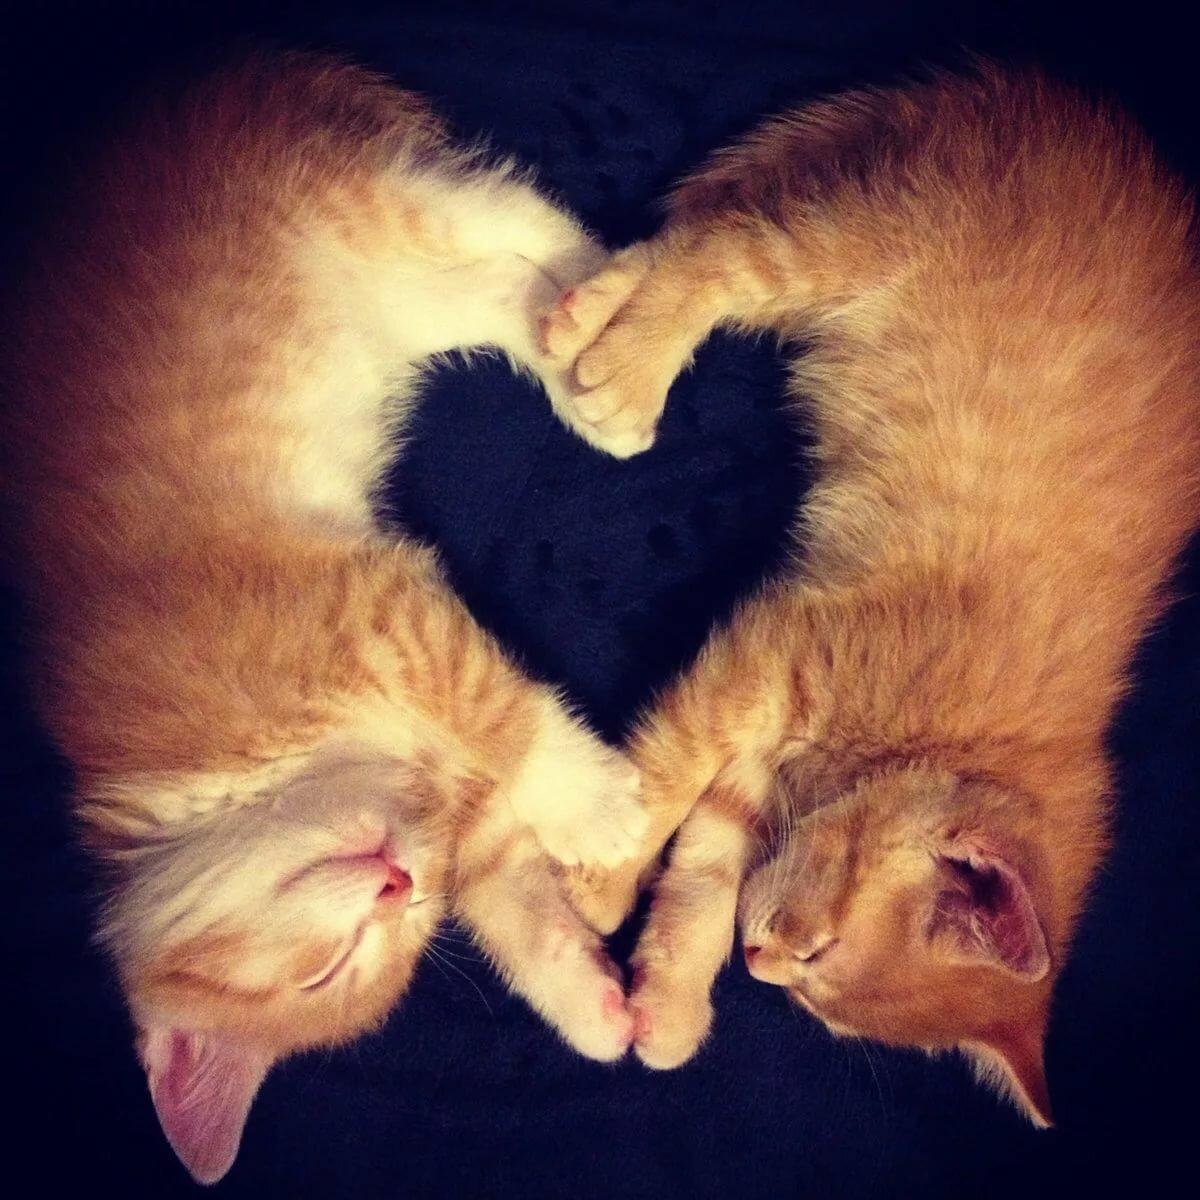 Бумаги, картинки с животными с надписью про любовь